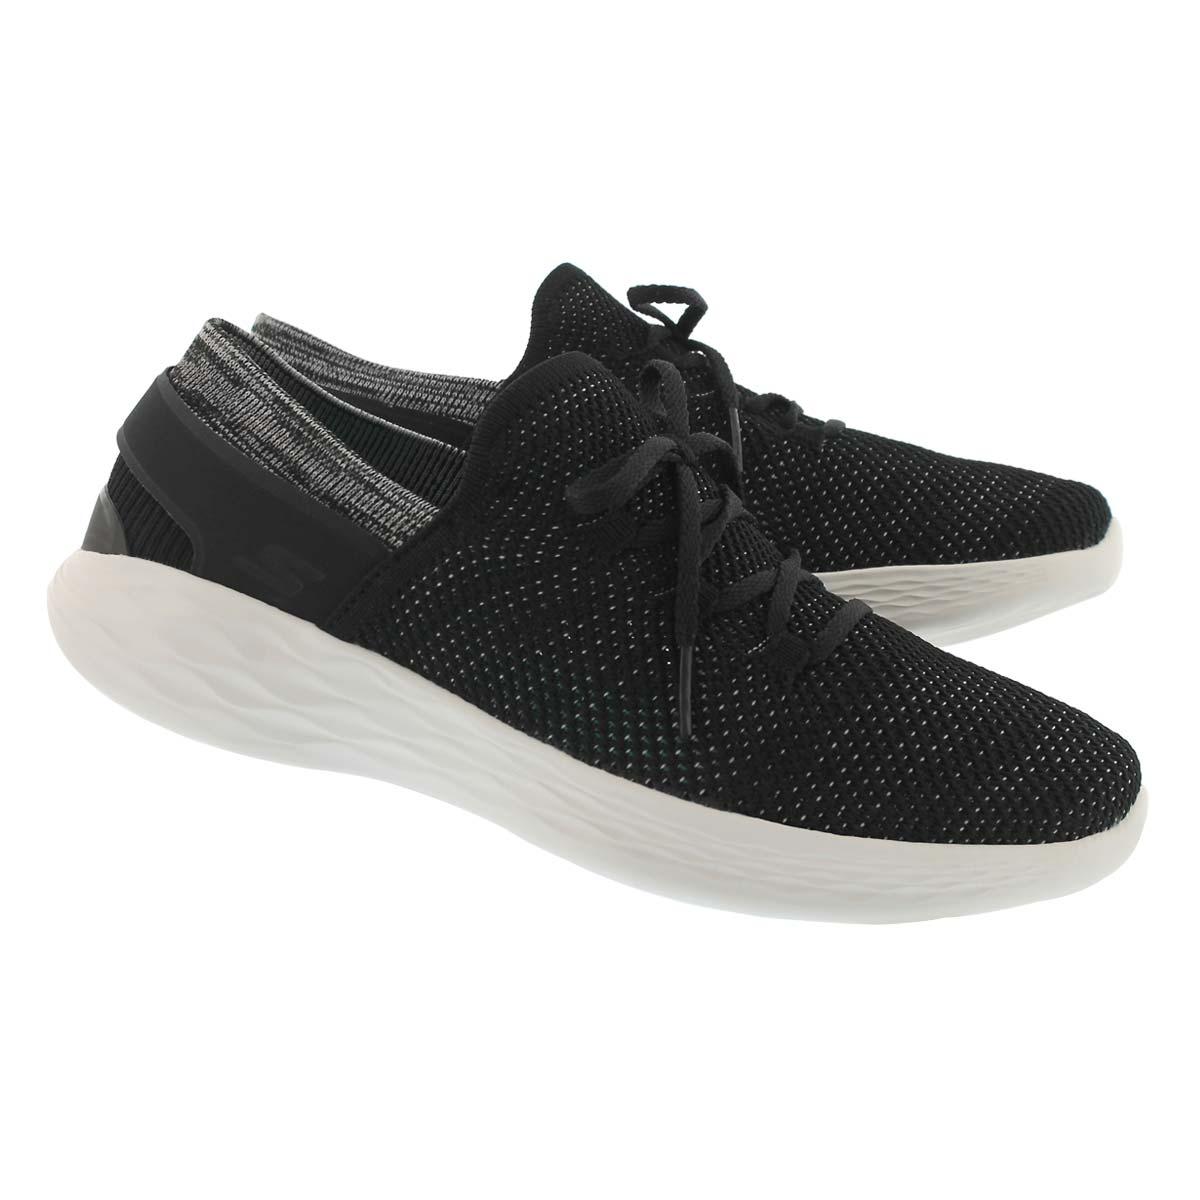 Lds You Spirit blk/wht slip on sneaker